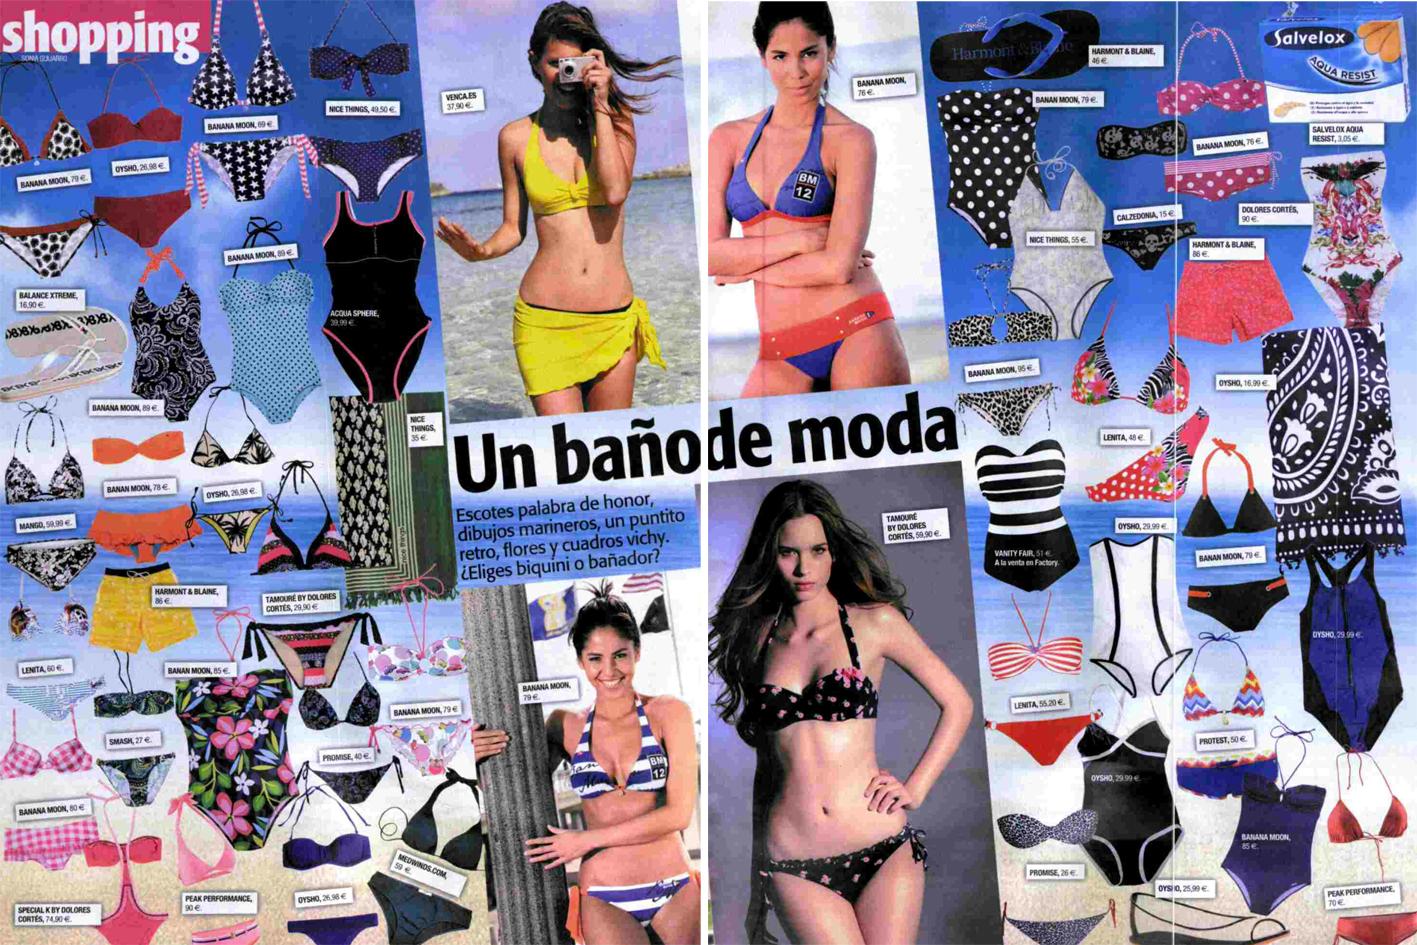 f9327b4bbc SUPERTELE magazine - Spain, Junio 2012